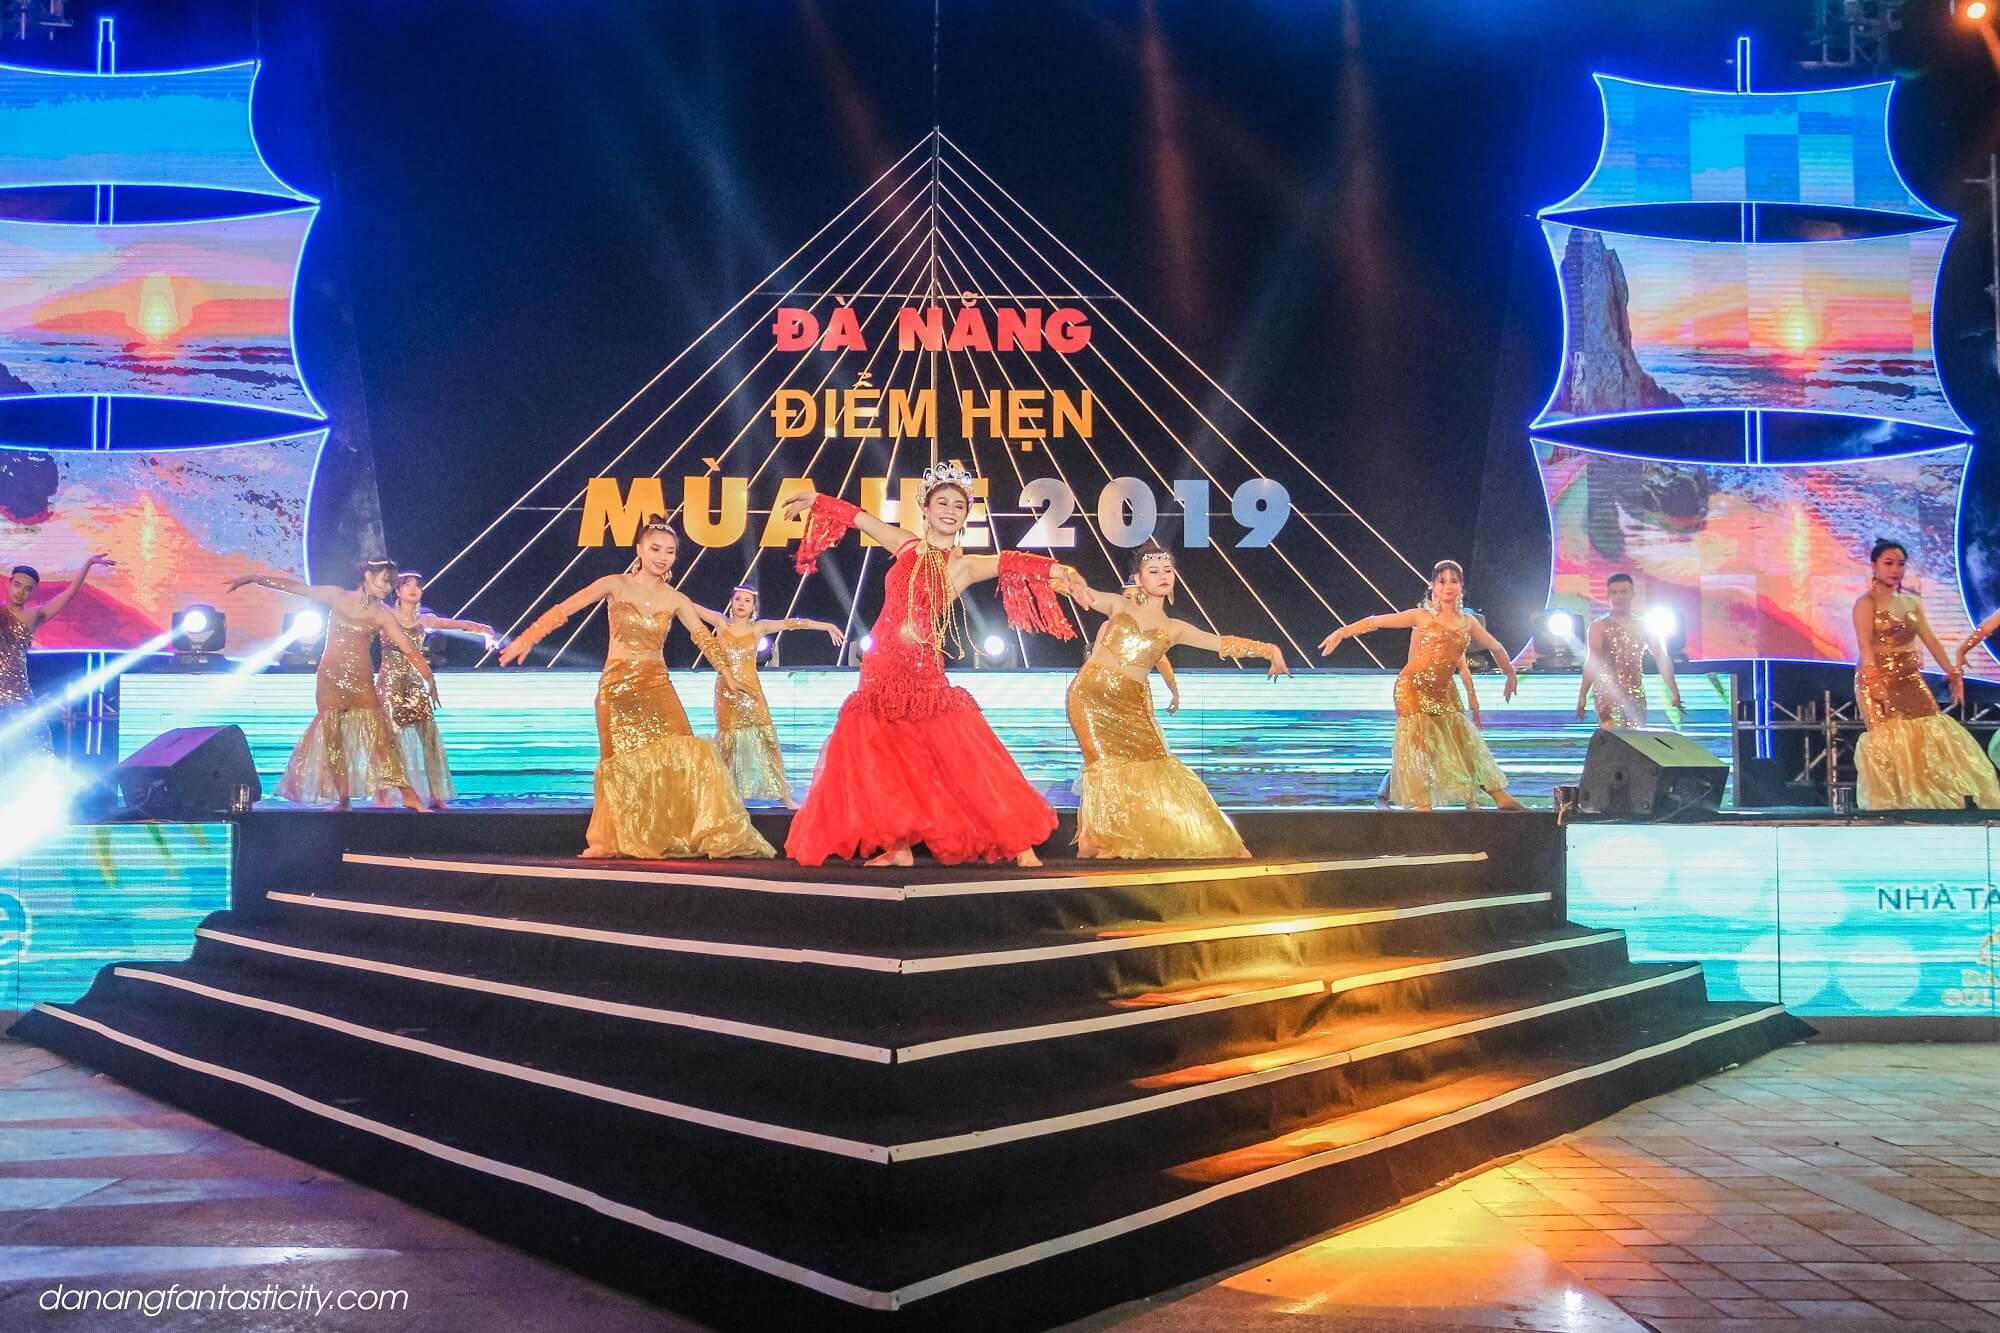 Chuong Trinh Le Hoi Tuyet Voi Da Nang 2020 Du Kien Dien Ra Vao Thang 6 2020 06